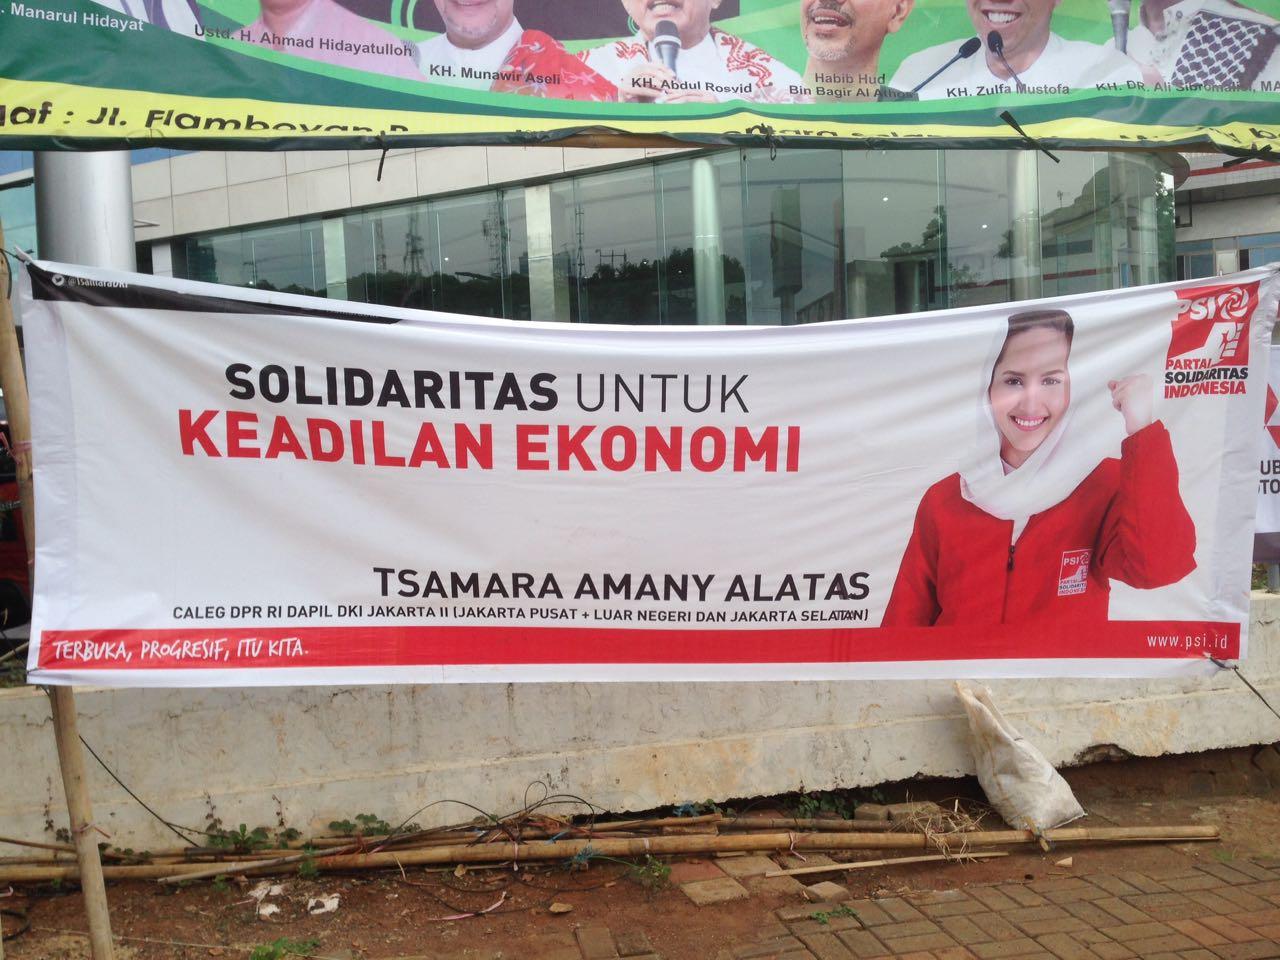 Spanduk Tsamara Amany